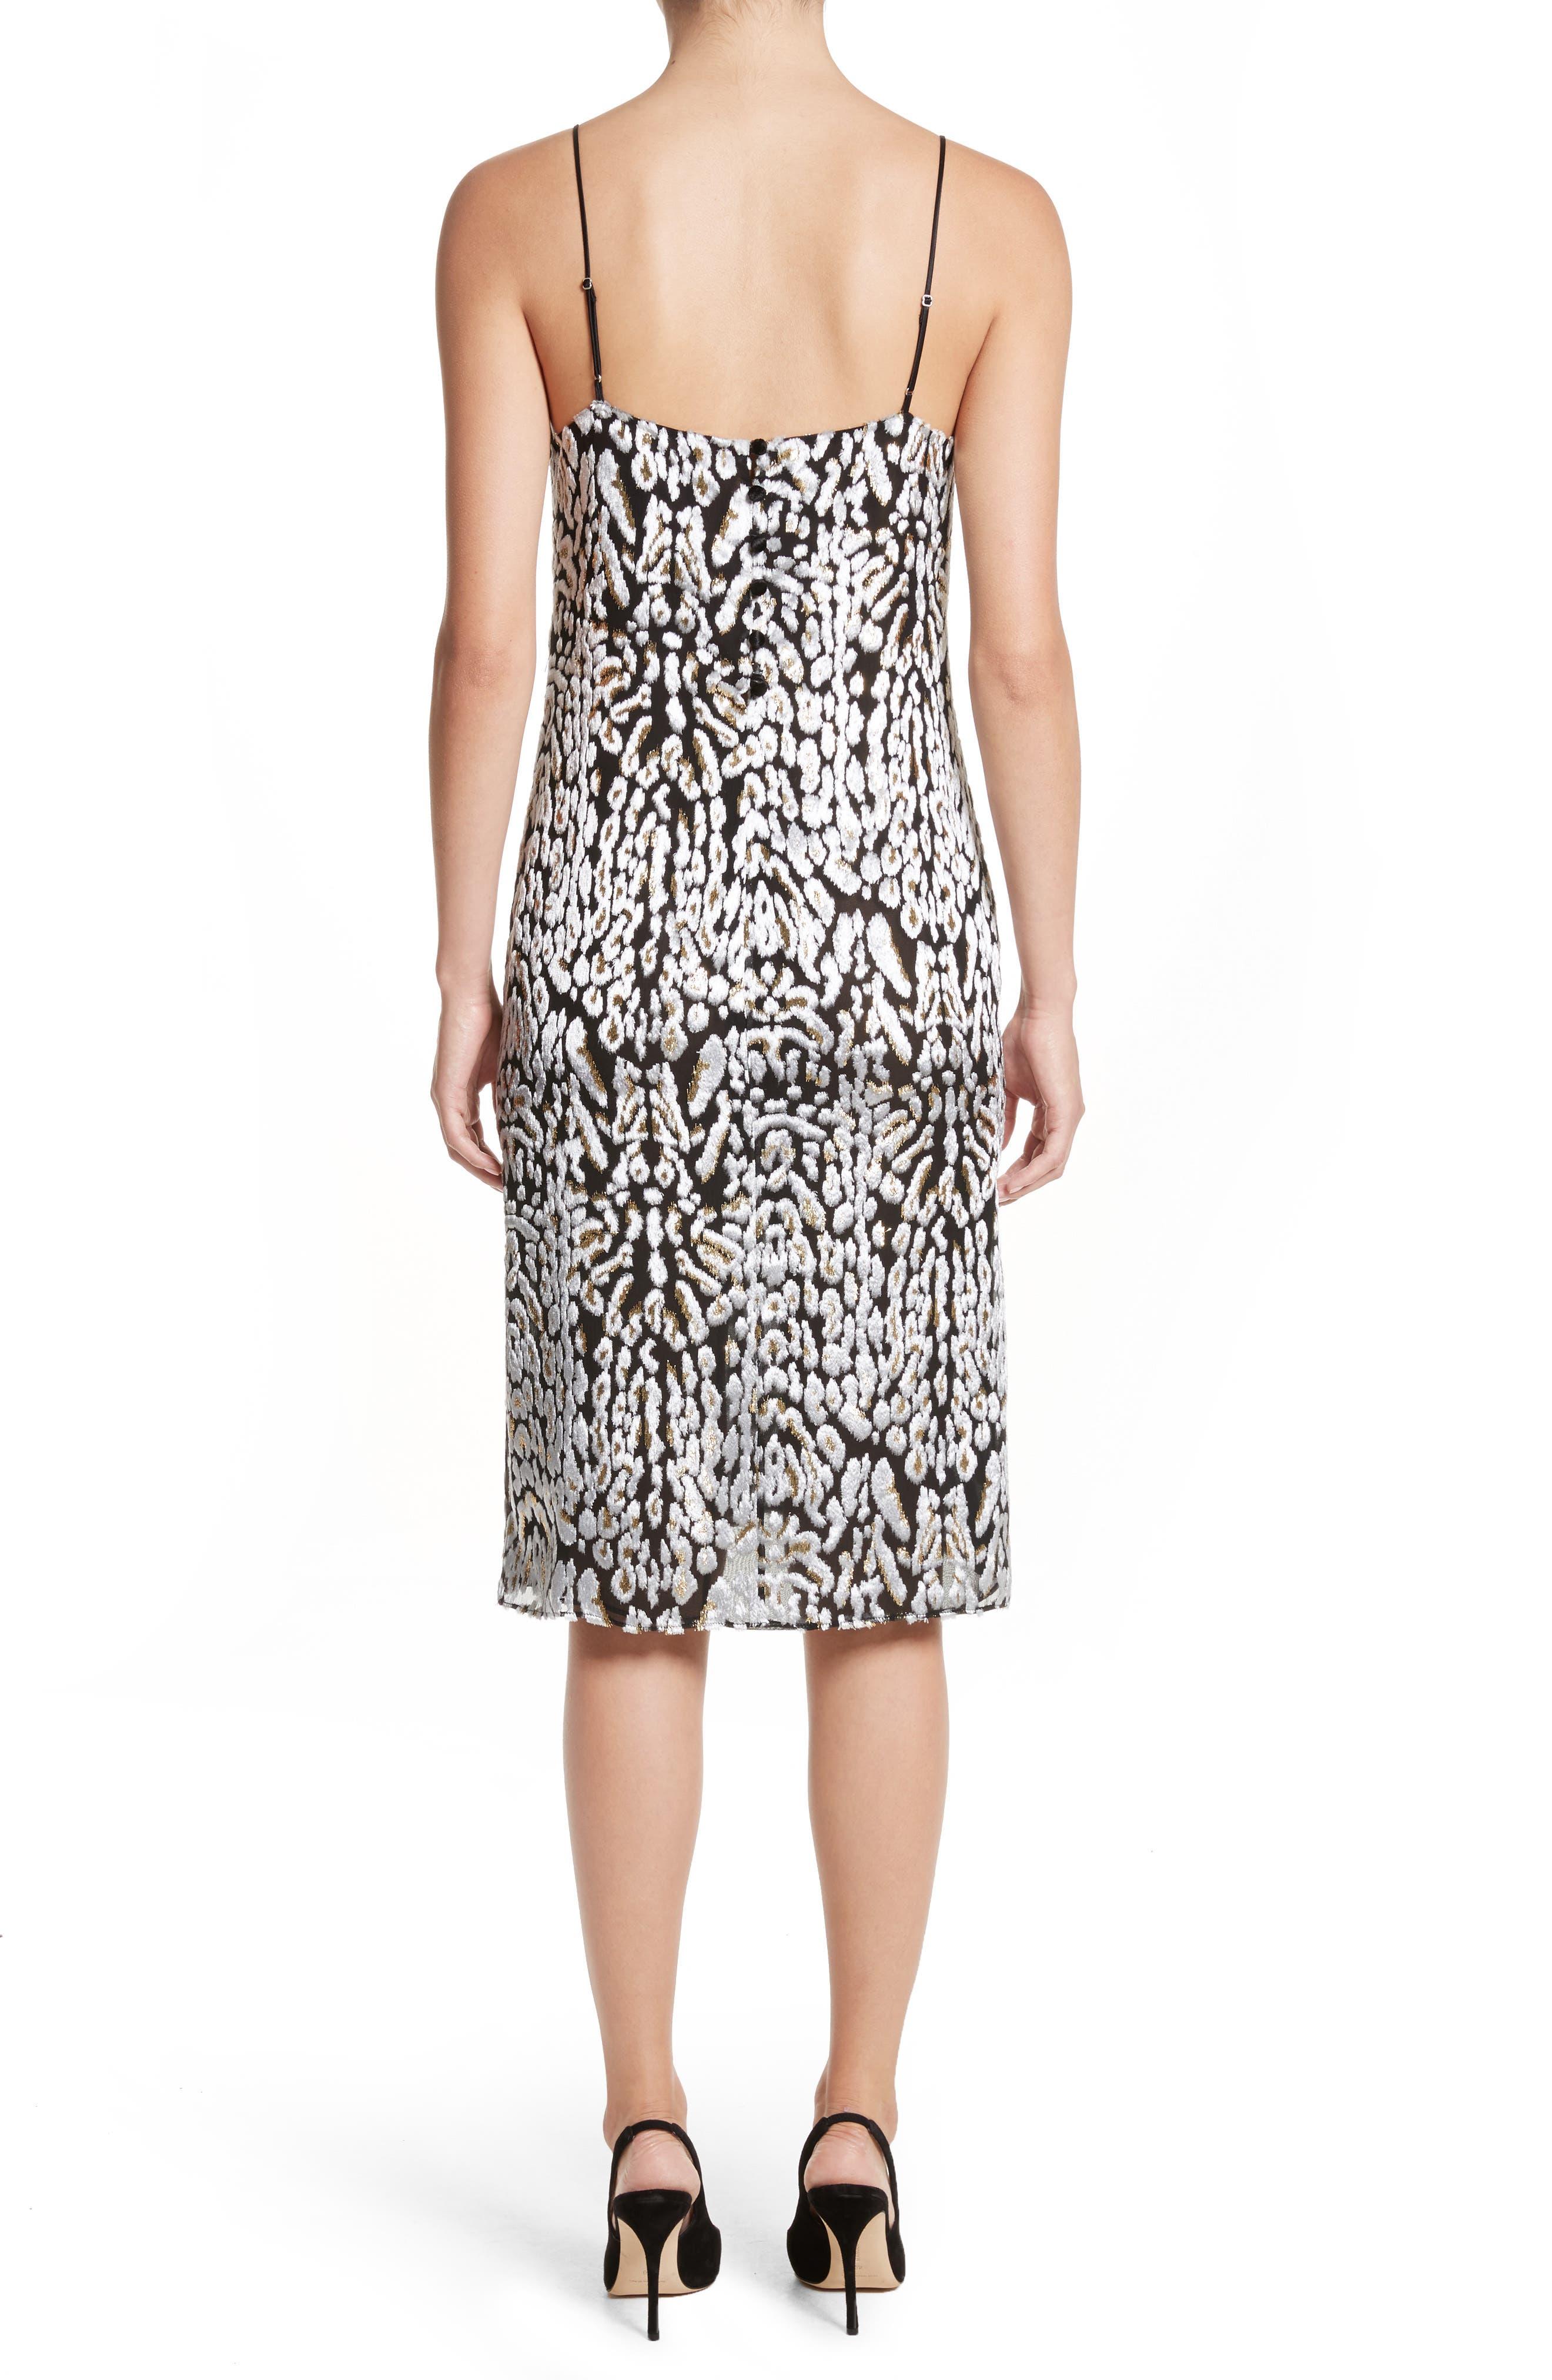 Ocelot Velvet Jacquard Dress,                             Alternate thumbnail 2, color,                             Black/ Ivory/ Gold